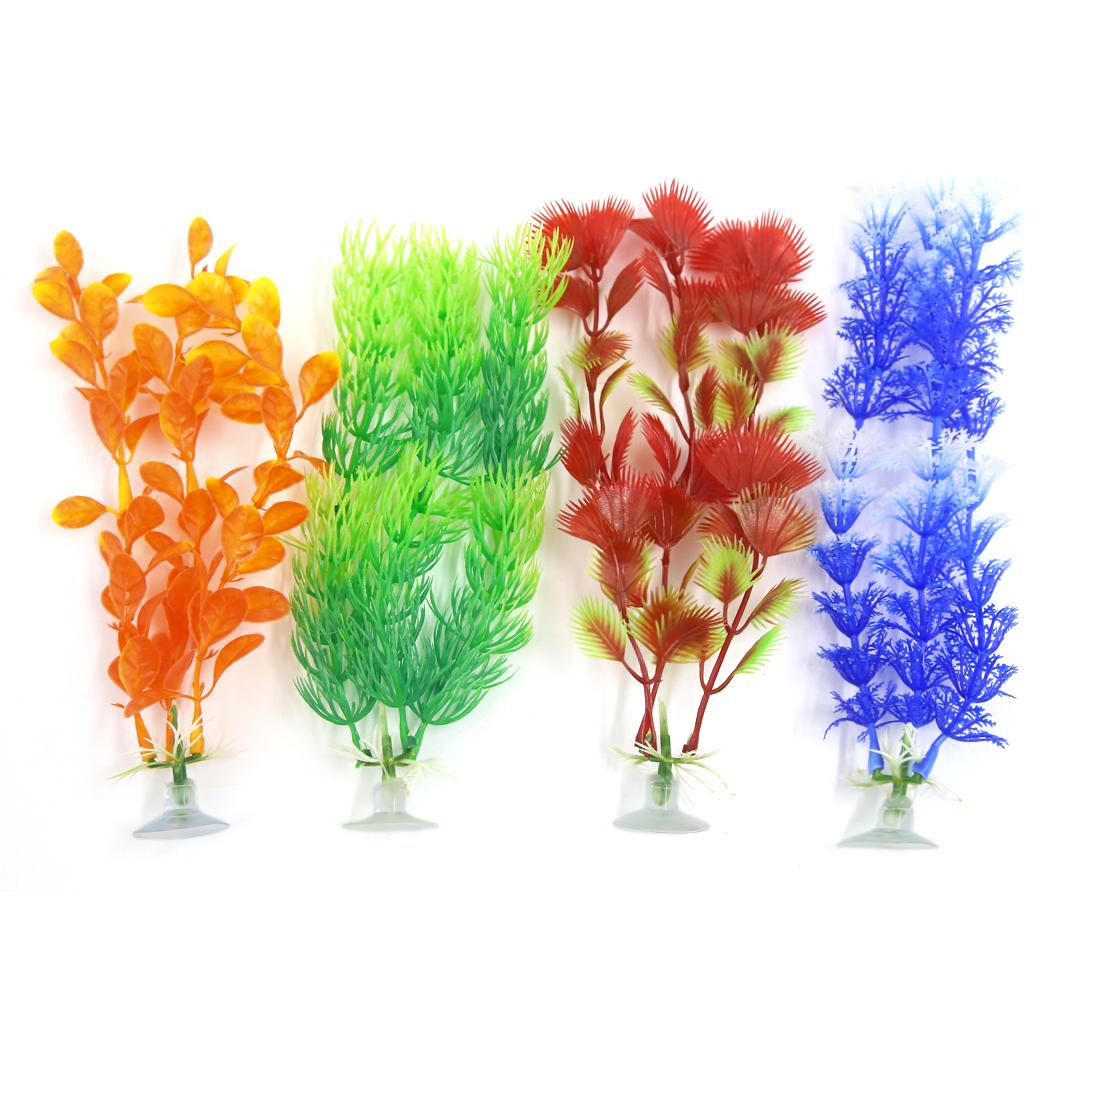 4 Pcs Aqua Plastic Decoration Ornament Plant With Suction Cup